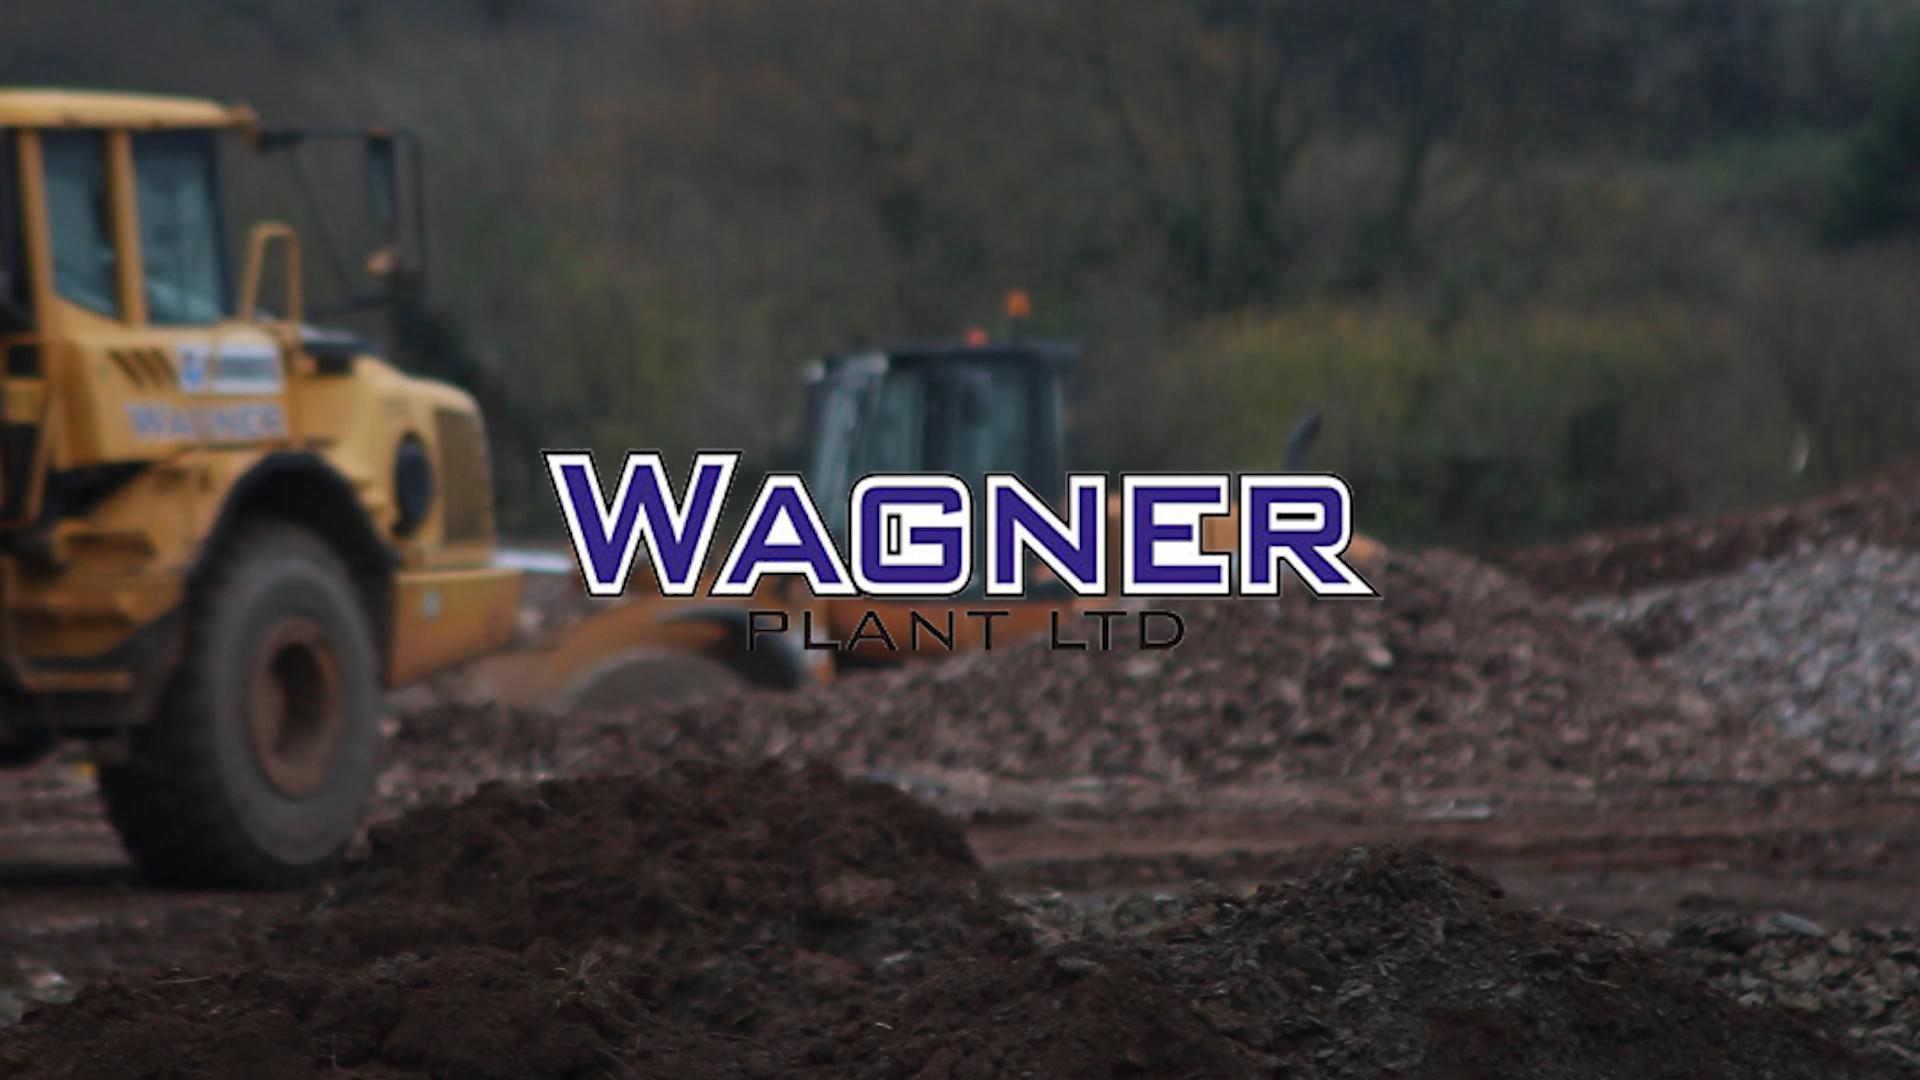 wagner plant ltd cornwall channel. Black Bedroom Furniture Sets. Home Design Ideas